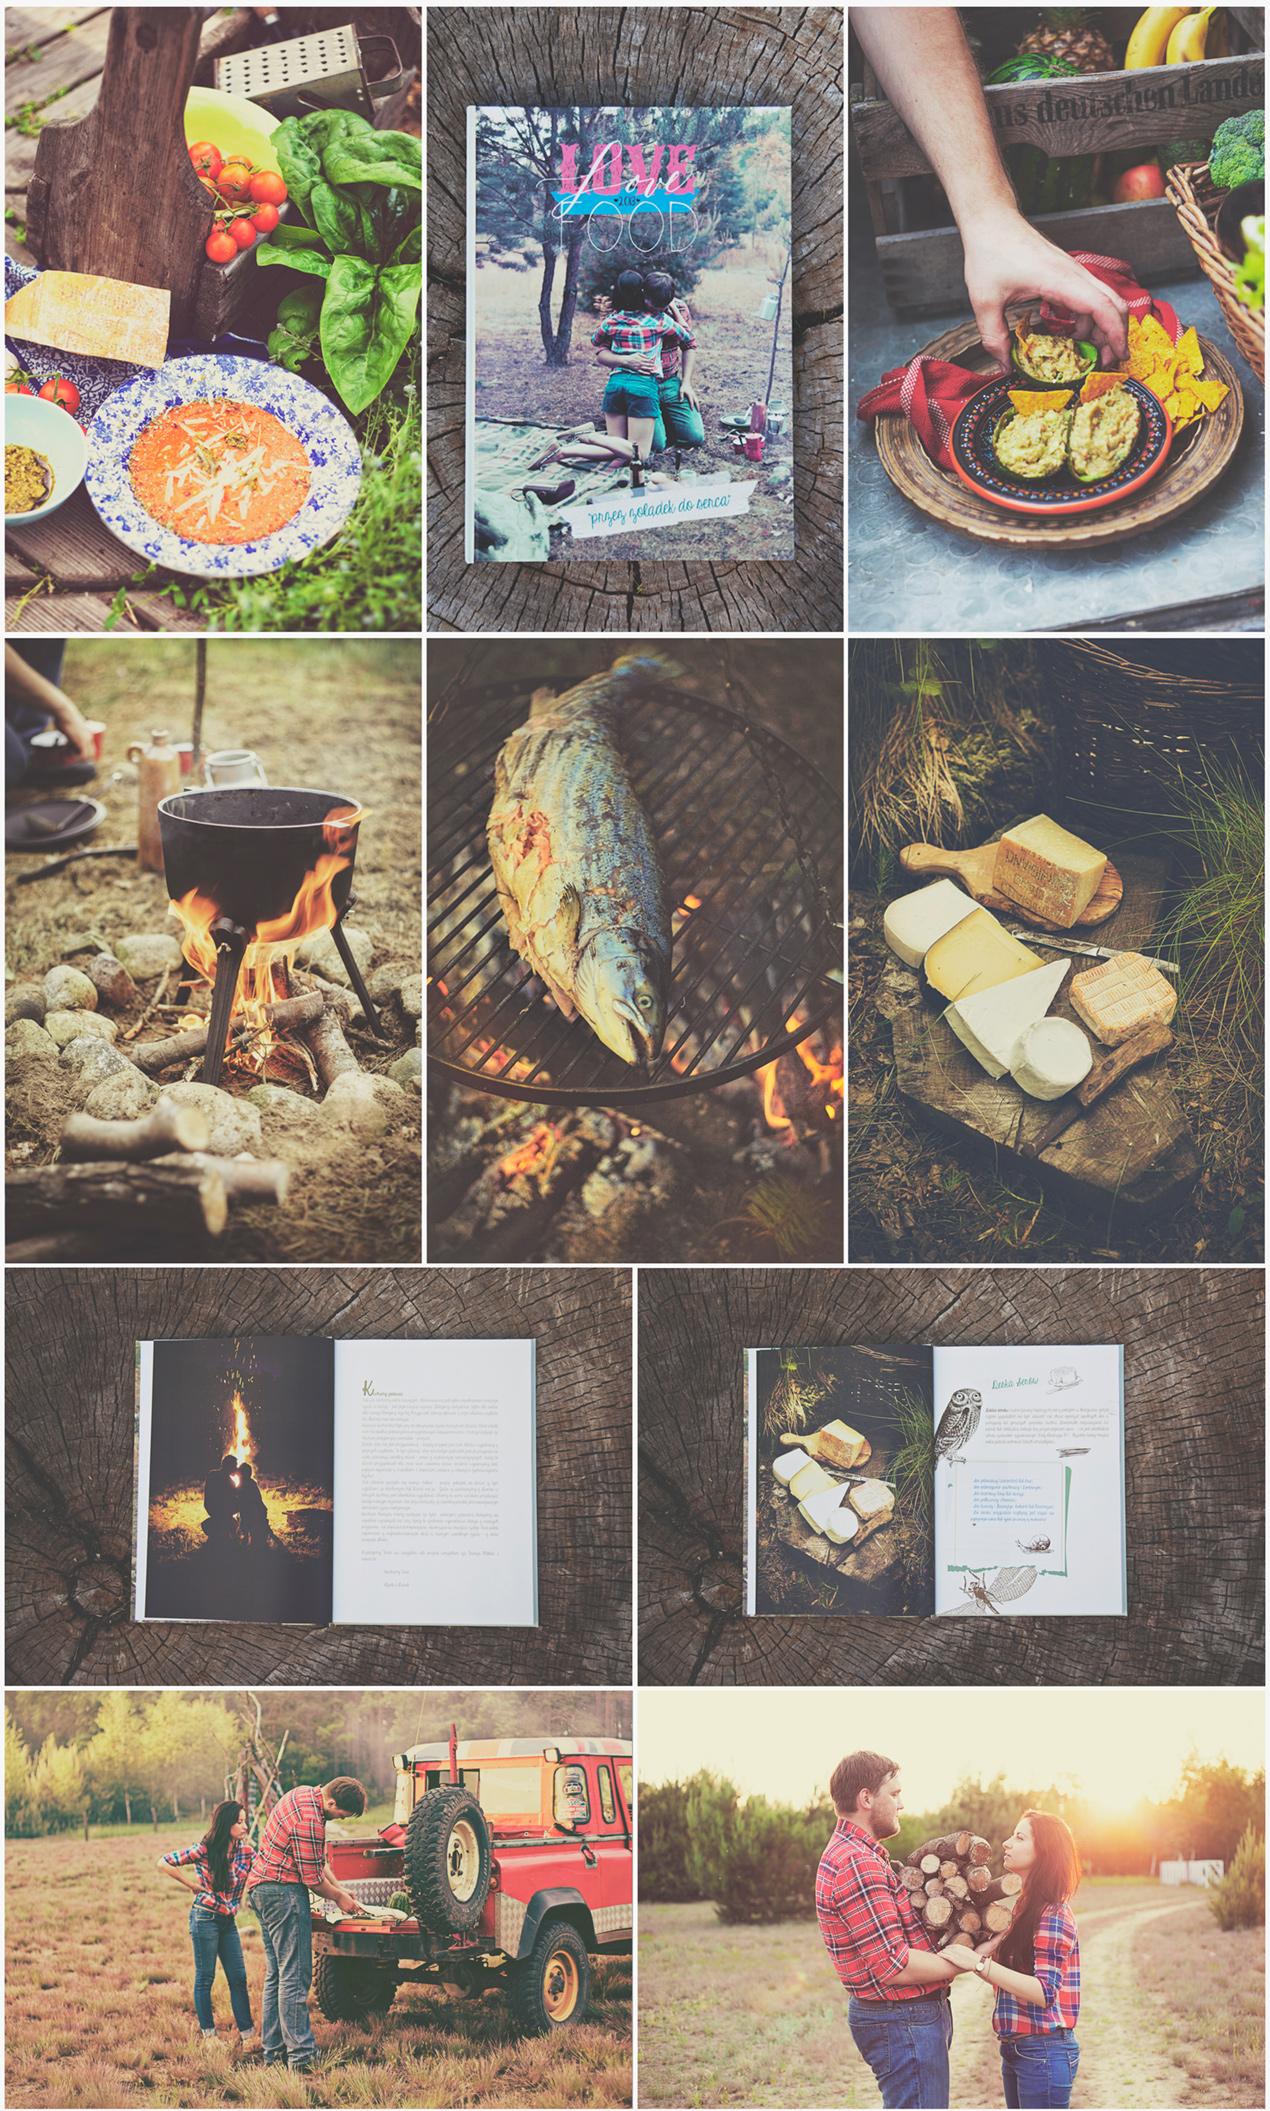 narzeczeńska książka kucharska, fotograf, sesja narzeczeńska, VeryLuckyStar, fotografia ślubna